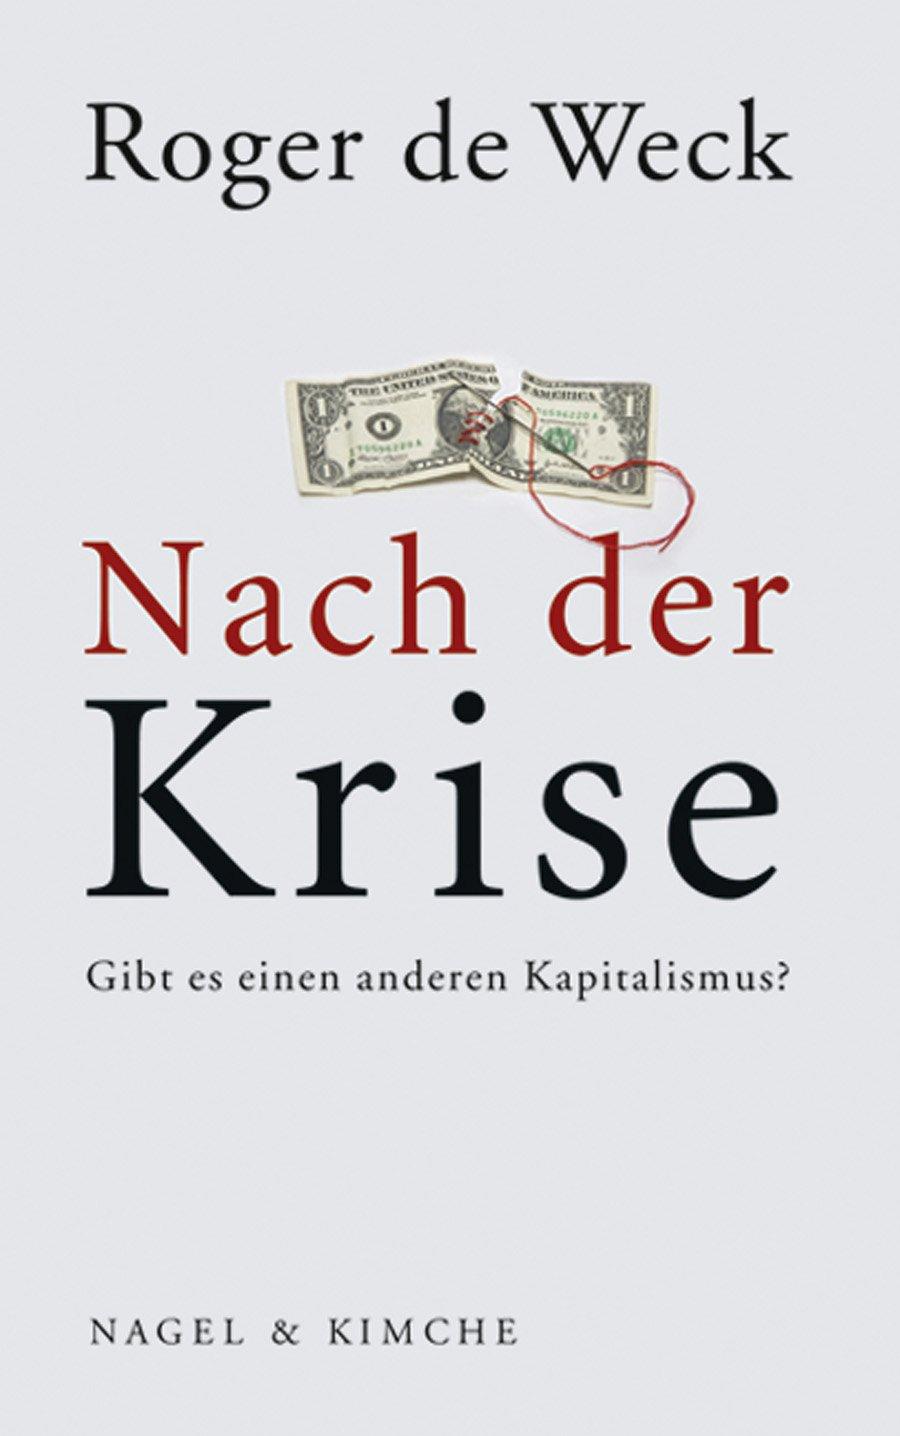 Roger de Weck. Nach der Krise. Gibt es einen anderen Kapitalismus?